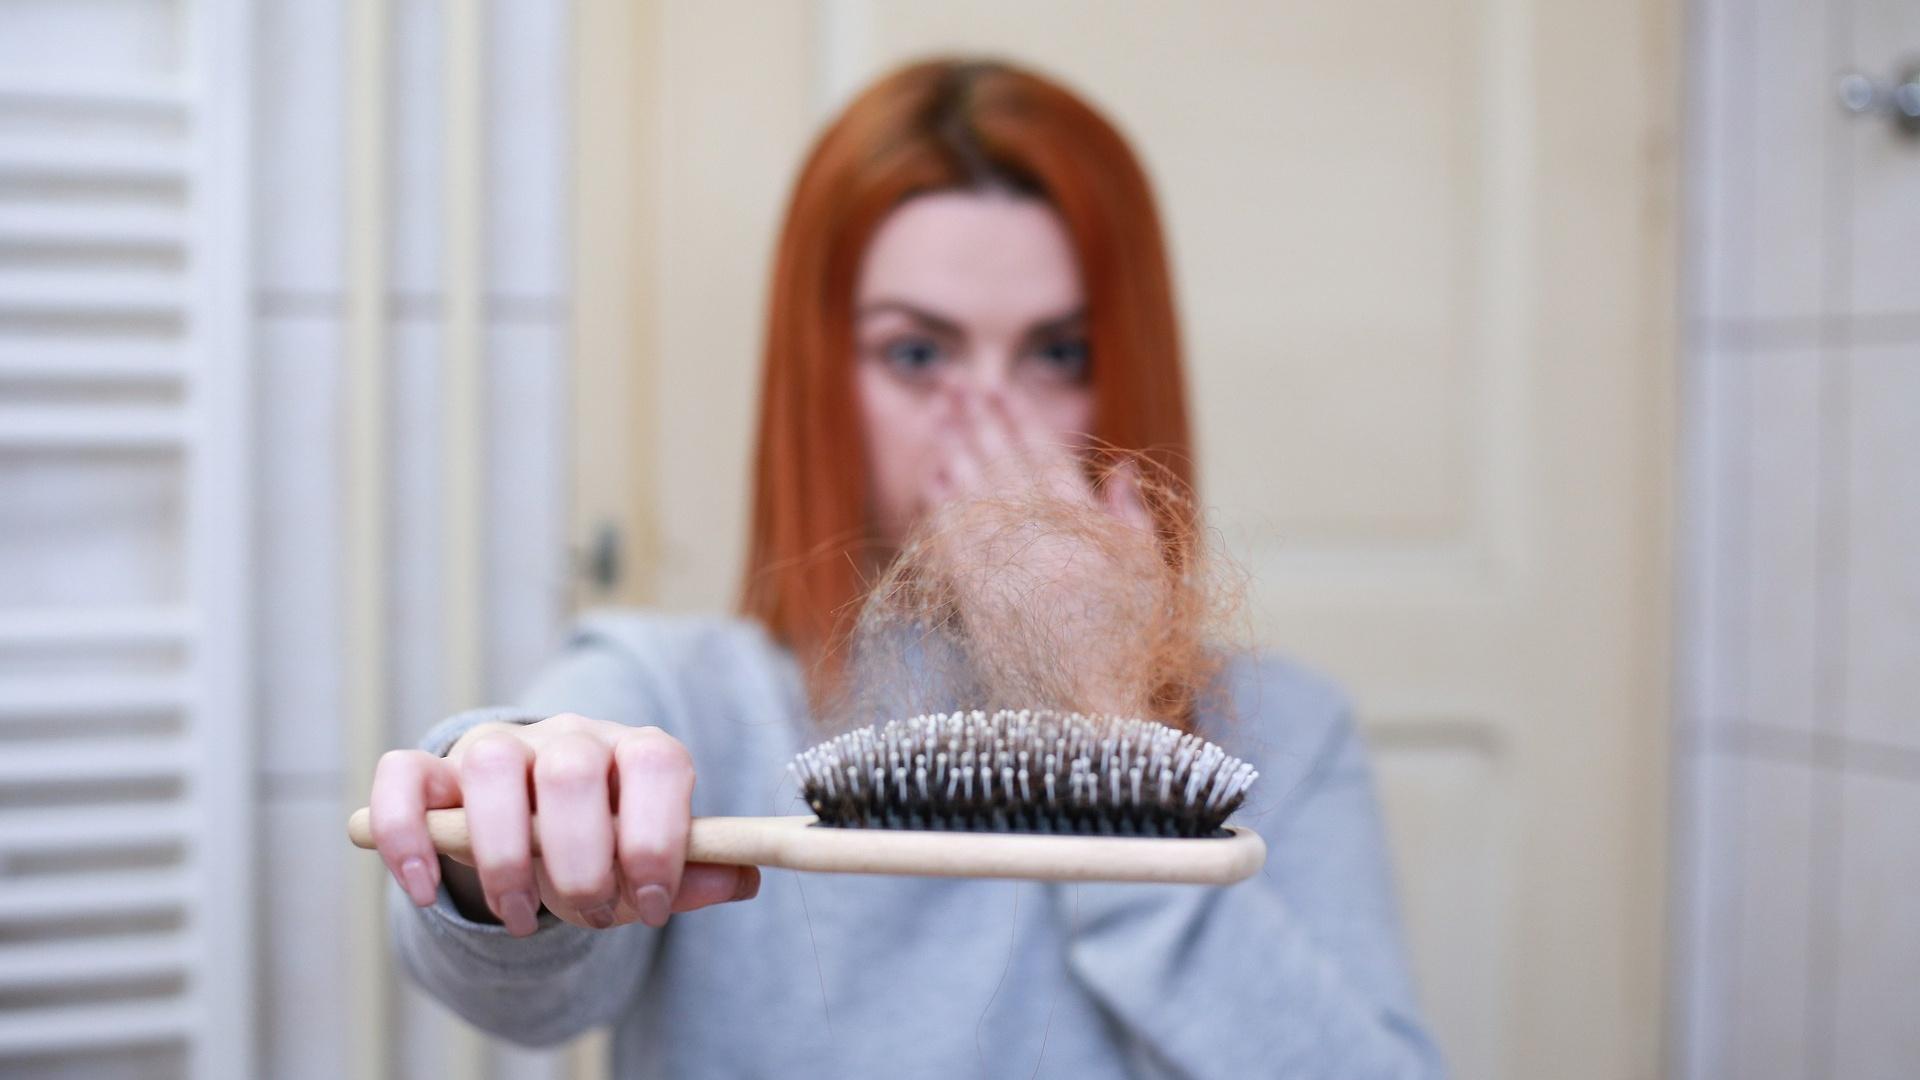 Haarausfall im Winter kann unter anderem an Vitamin-D-Mangel liegen.